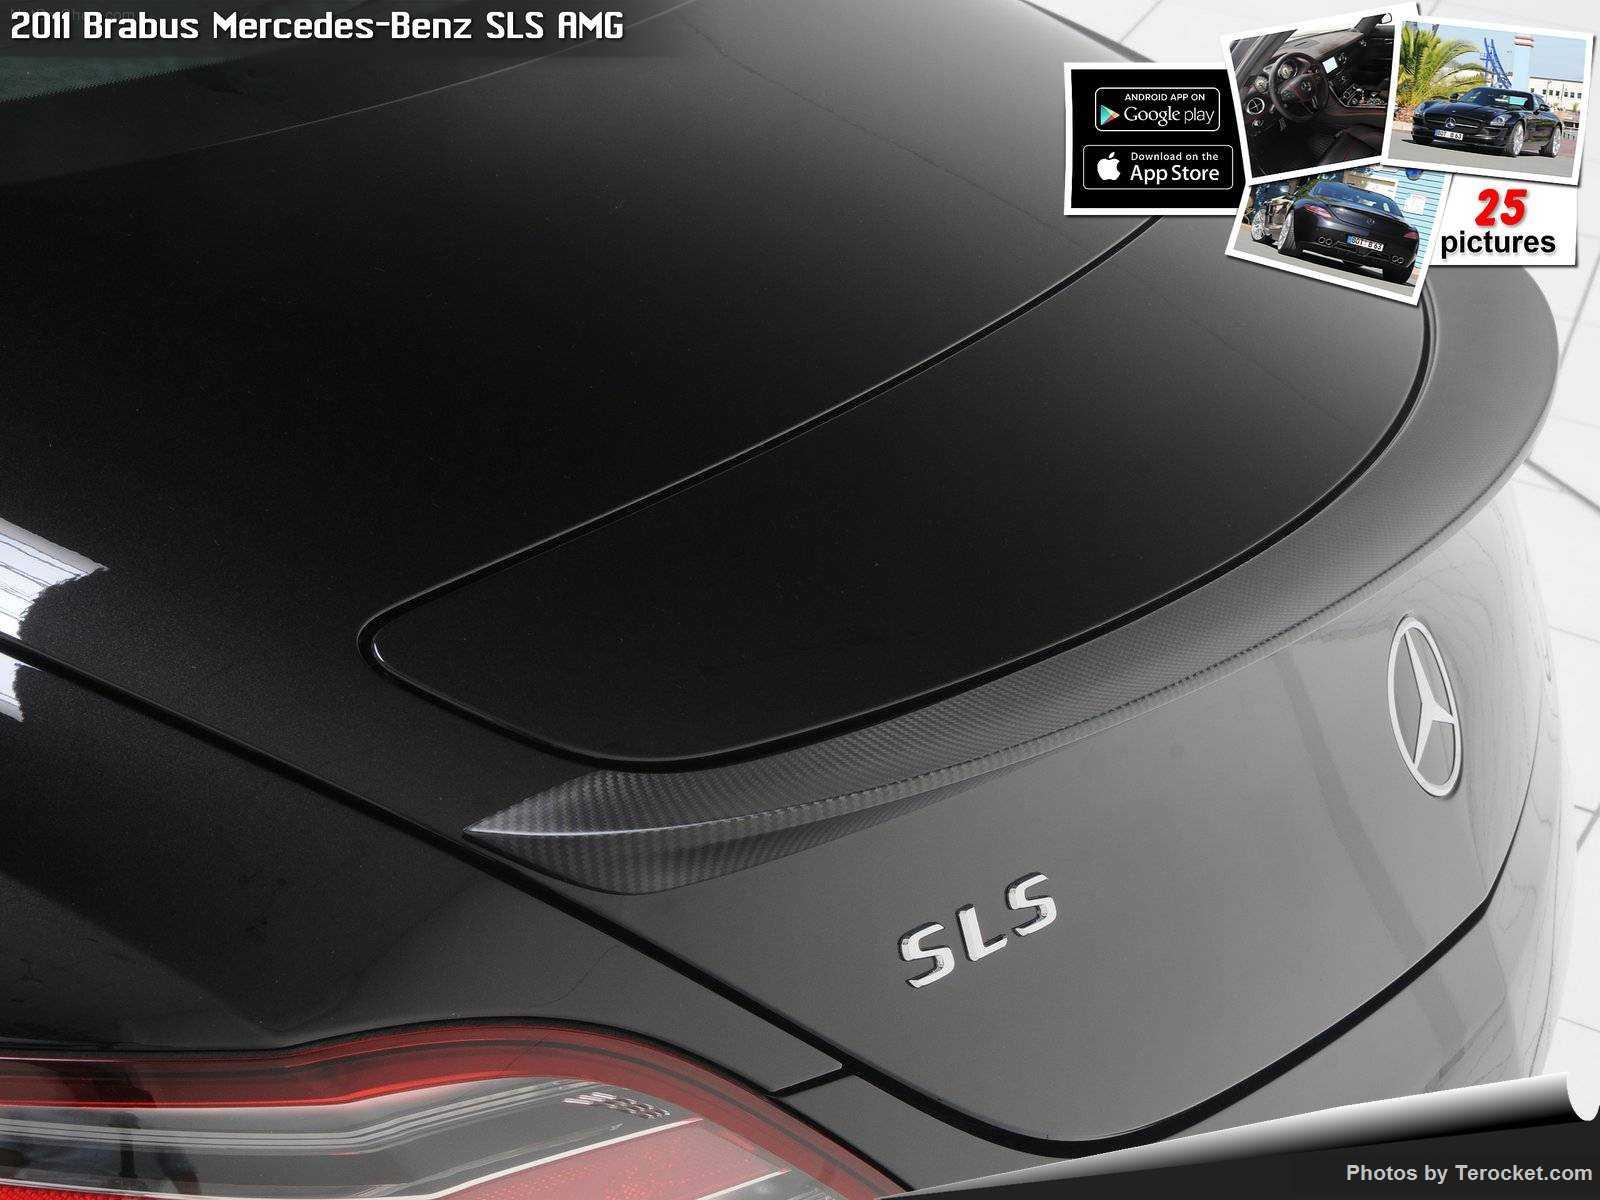 Hình ảnh xe ô tô Brabus Mercedes-Benz SLS AMG 2011 & nội ngoại thất